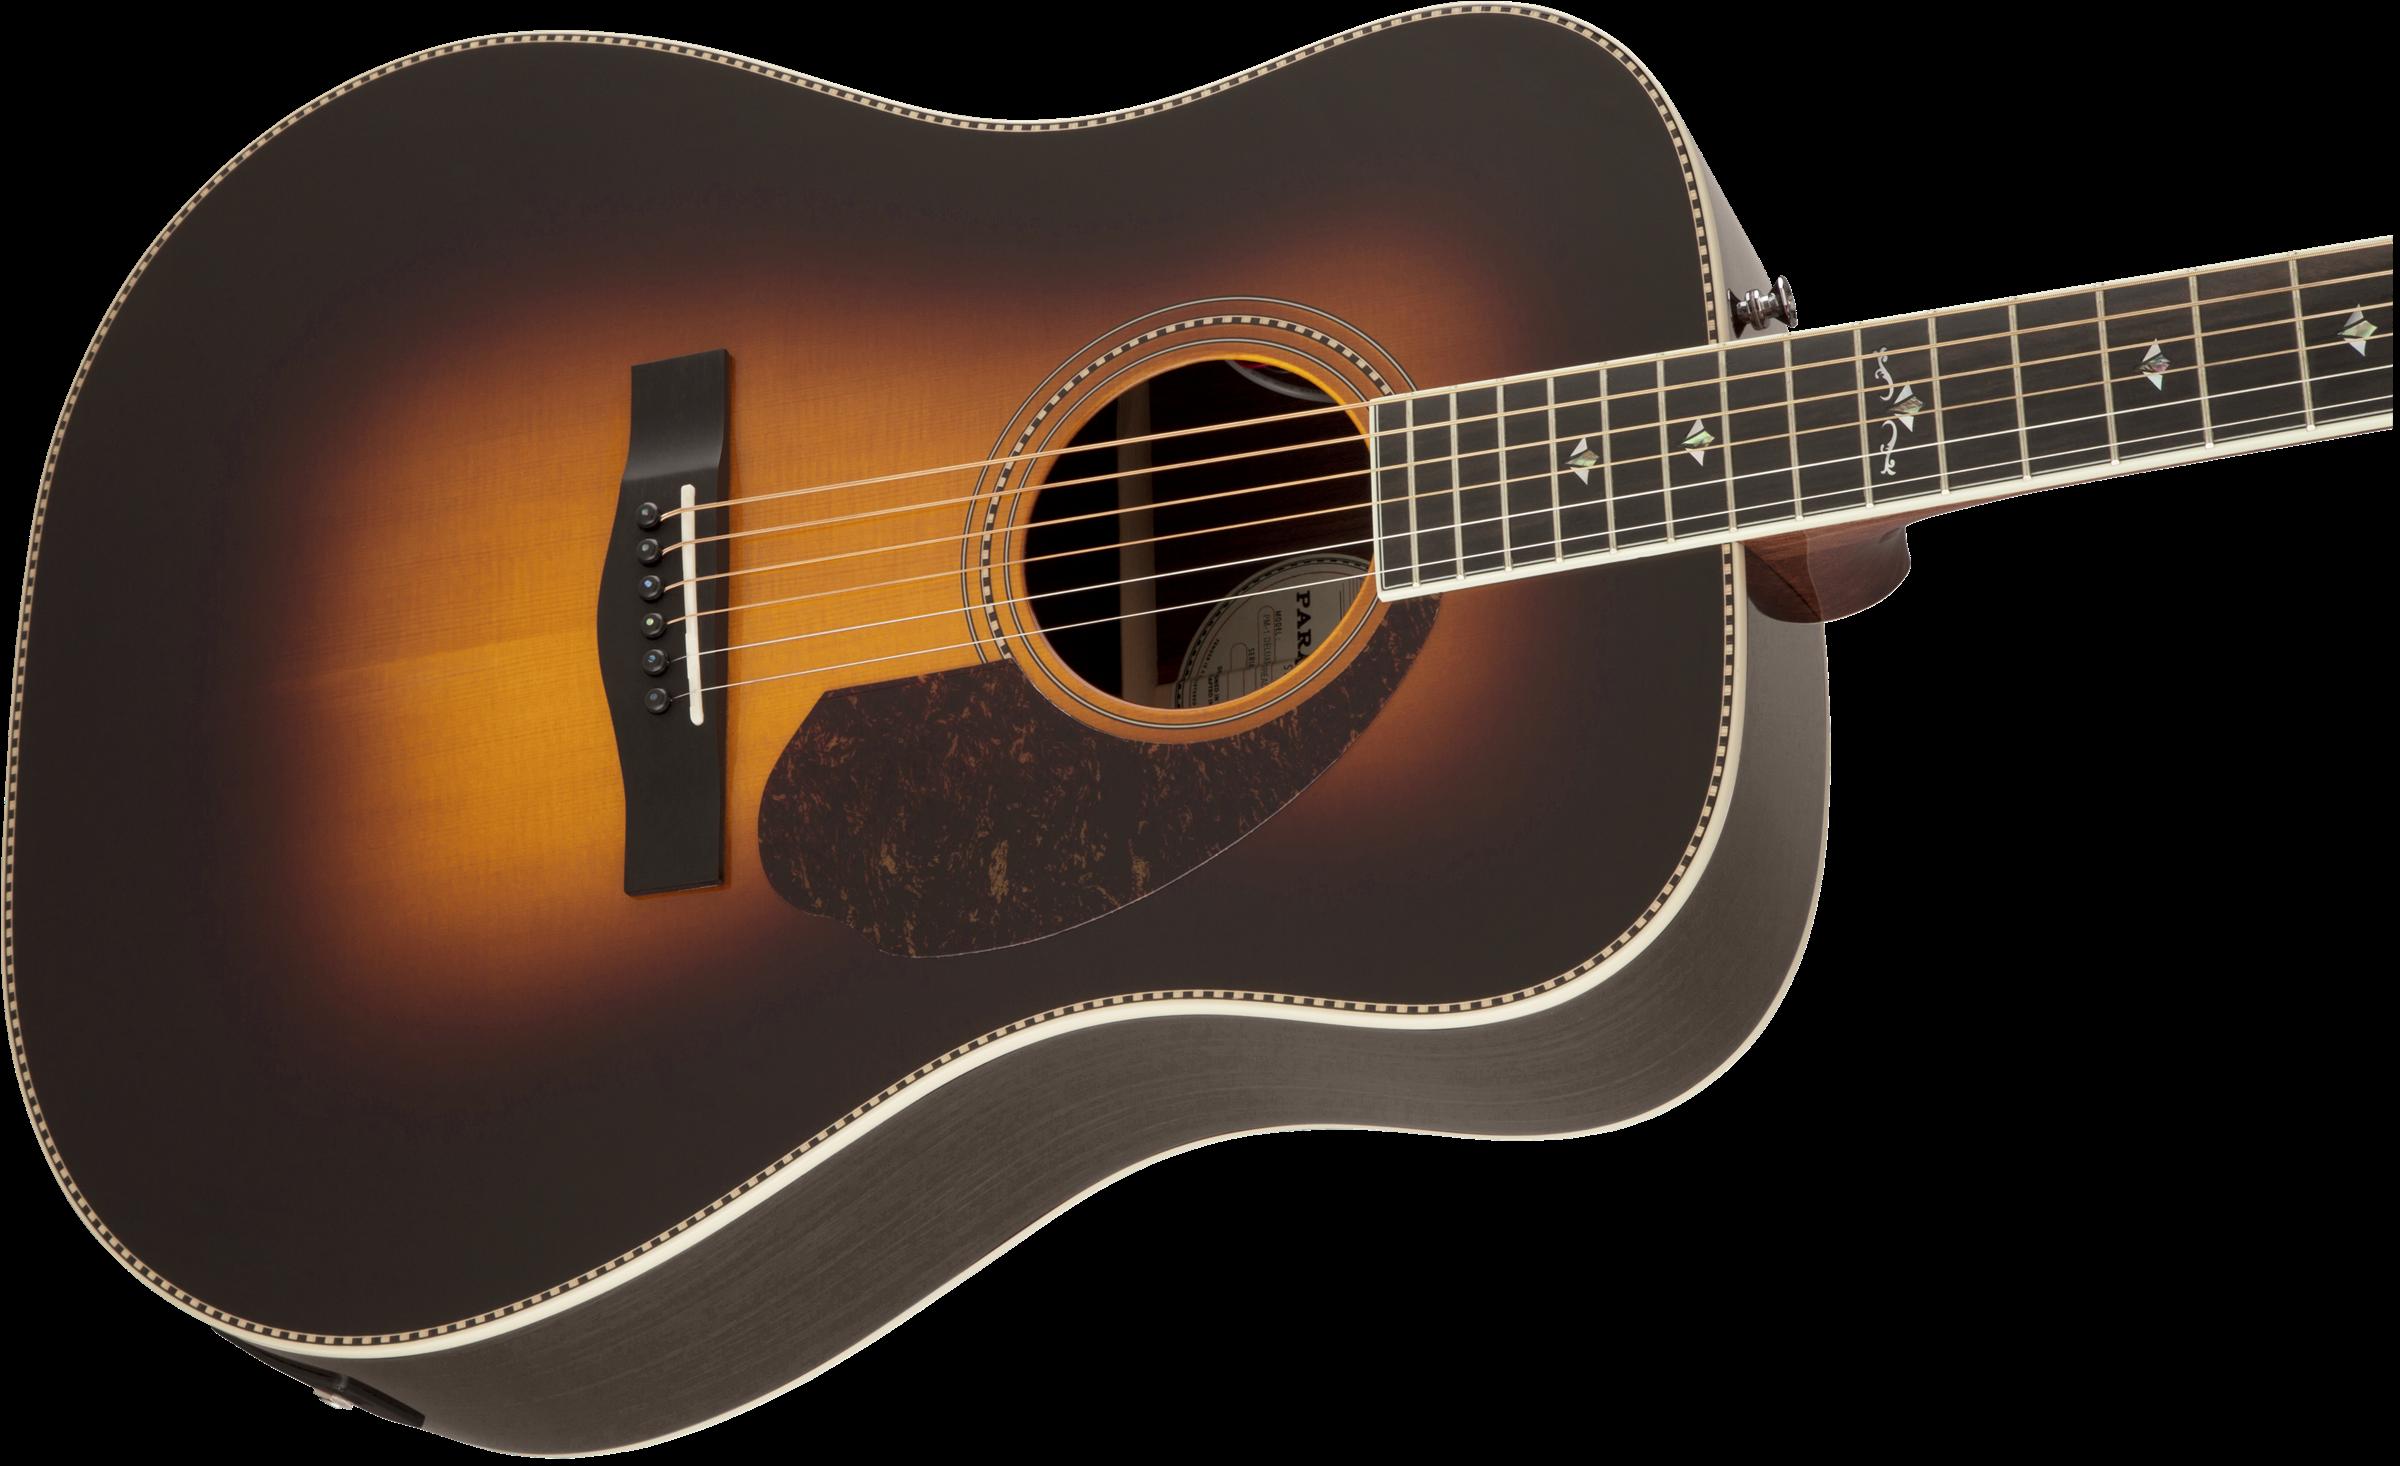 Pm 1 Deluxe Dreadnought Vintage Sunburst Dreadnought Acoustic Guitars